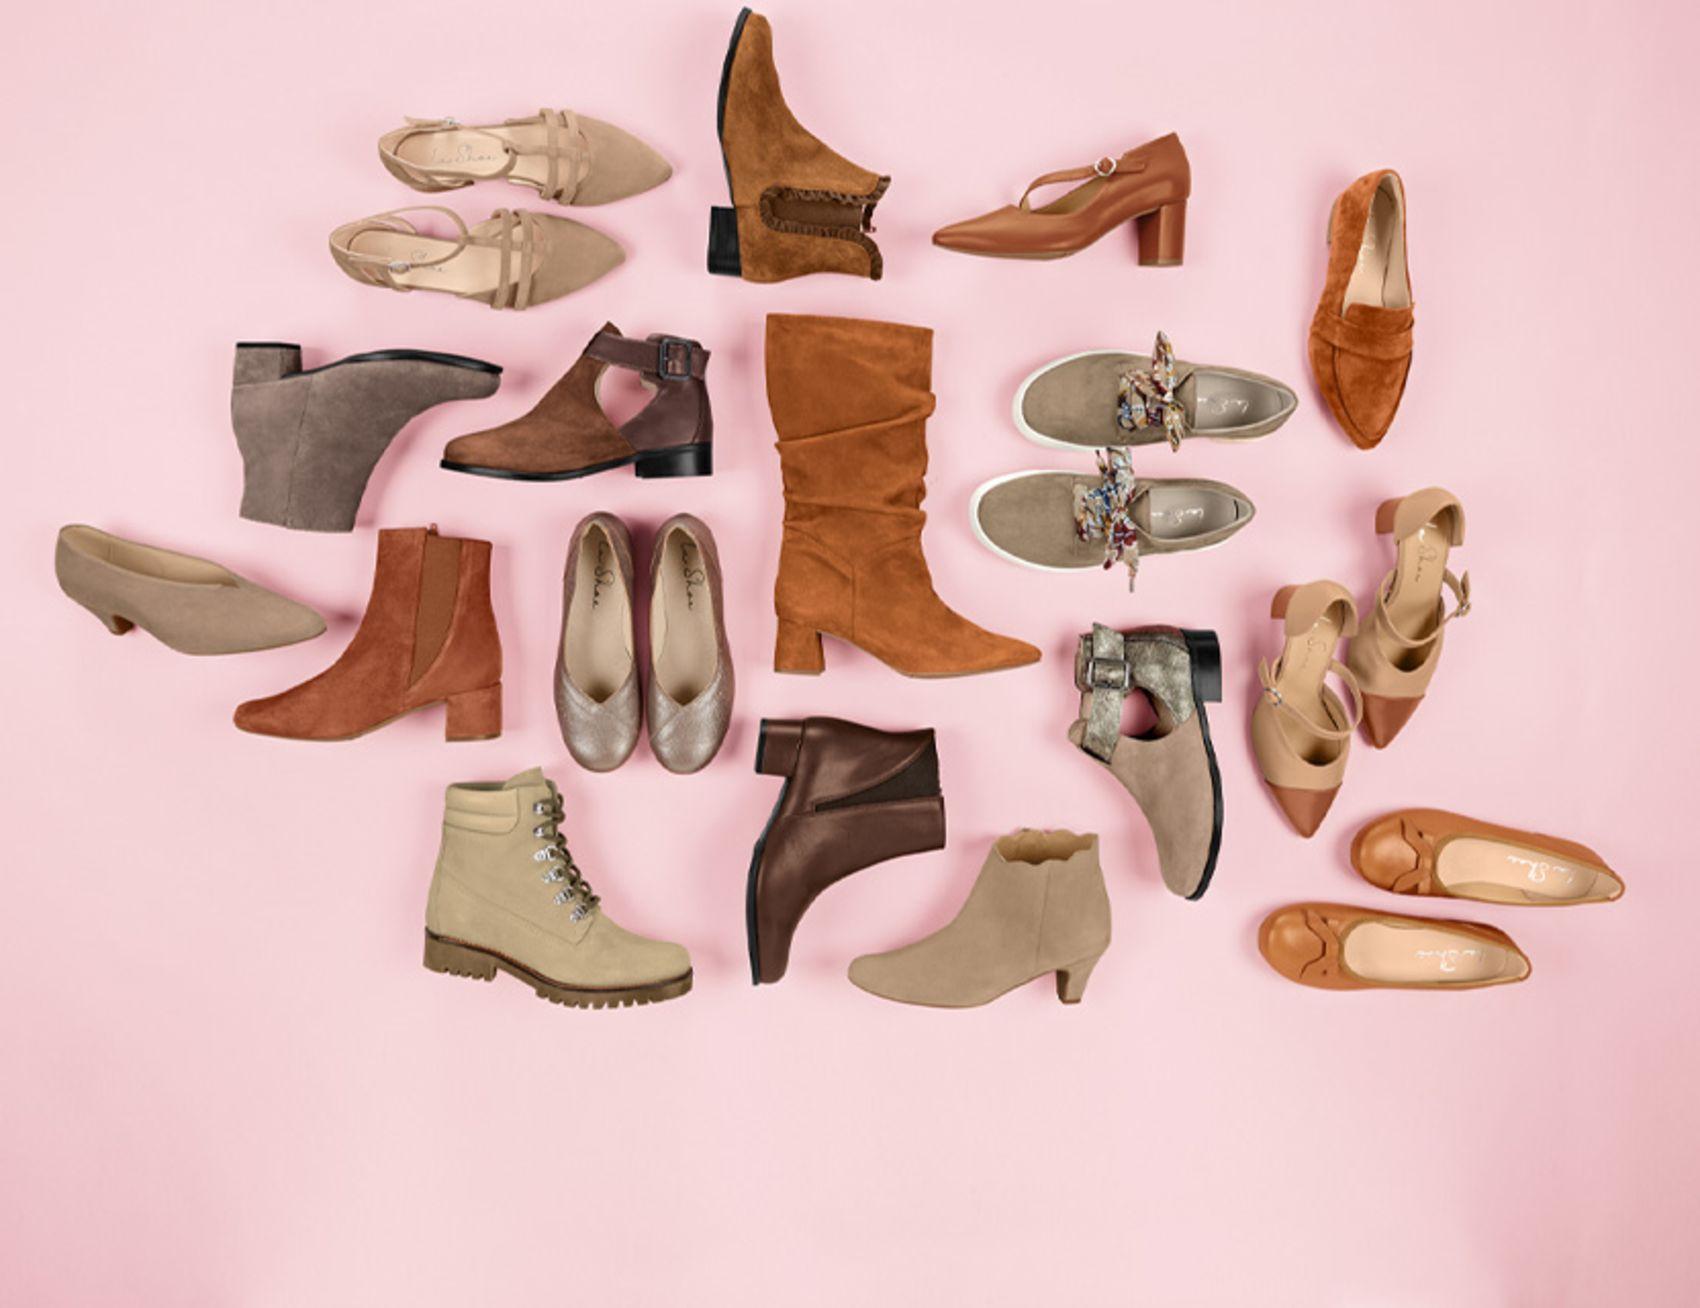 NEW IN: Entdecken Sie die neue Kollektion für Hallux valgus und empfindliche Füße